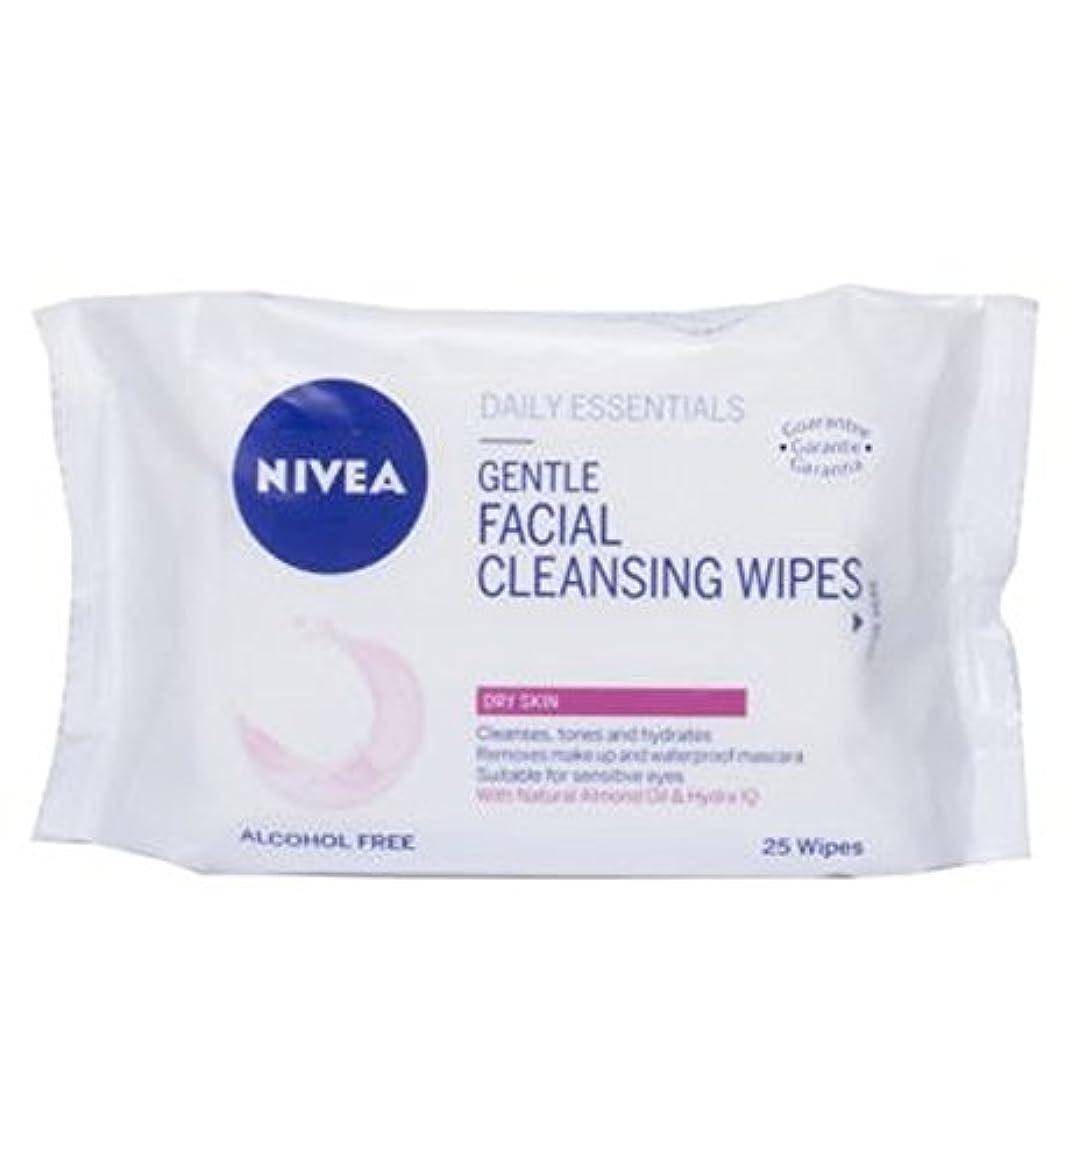 に勝るカトリック教徒気質ニベア生活必需品優しい洗顔は乾燥肌の25S用のワイプ (Nivea) (x2) - Nivea Daily Essentials Gentle Facial Cleansing Wipes For Dry Skin 25s...